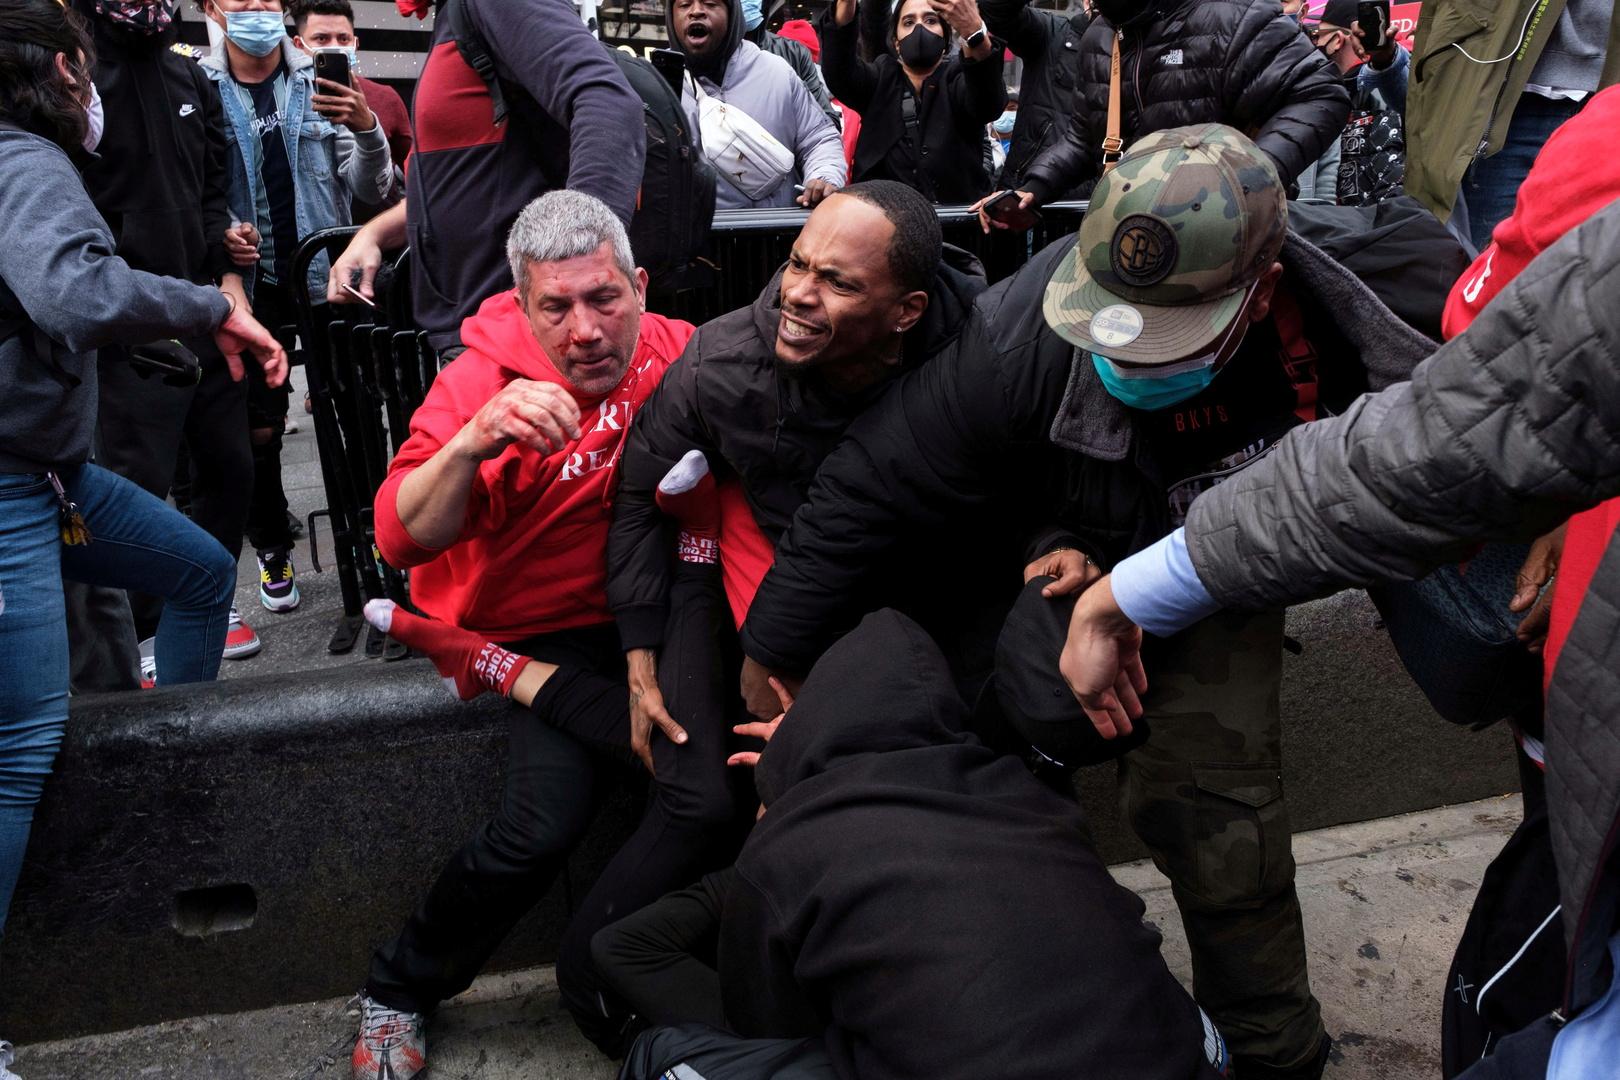 القبض على 11 شخصا إثر مواجهات بين حركة